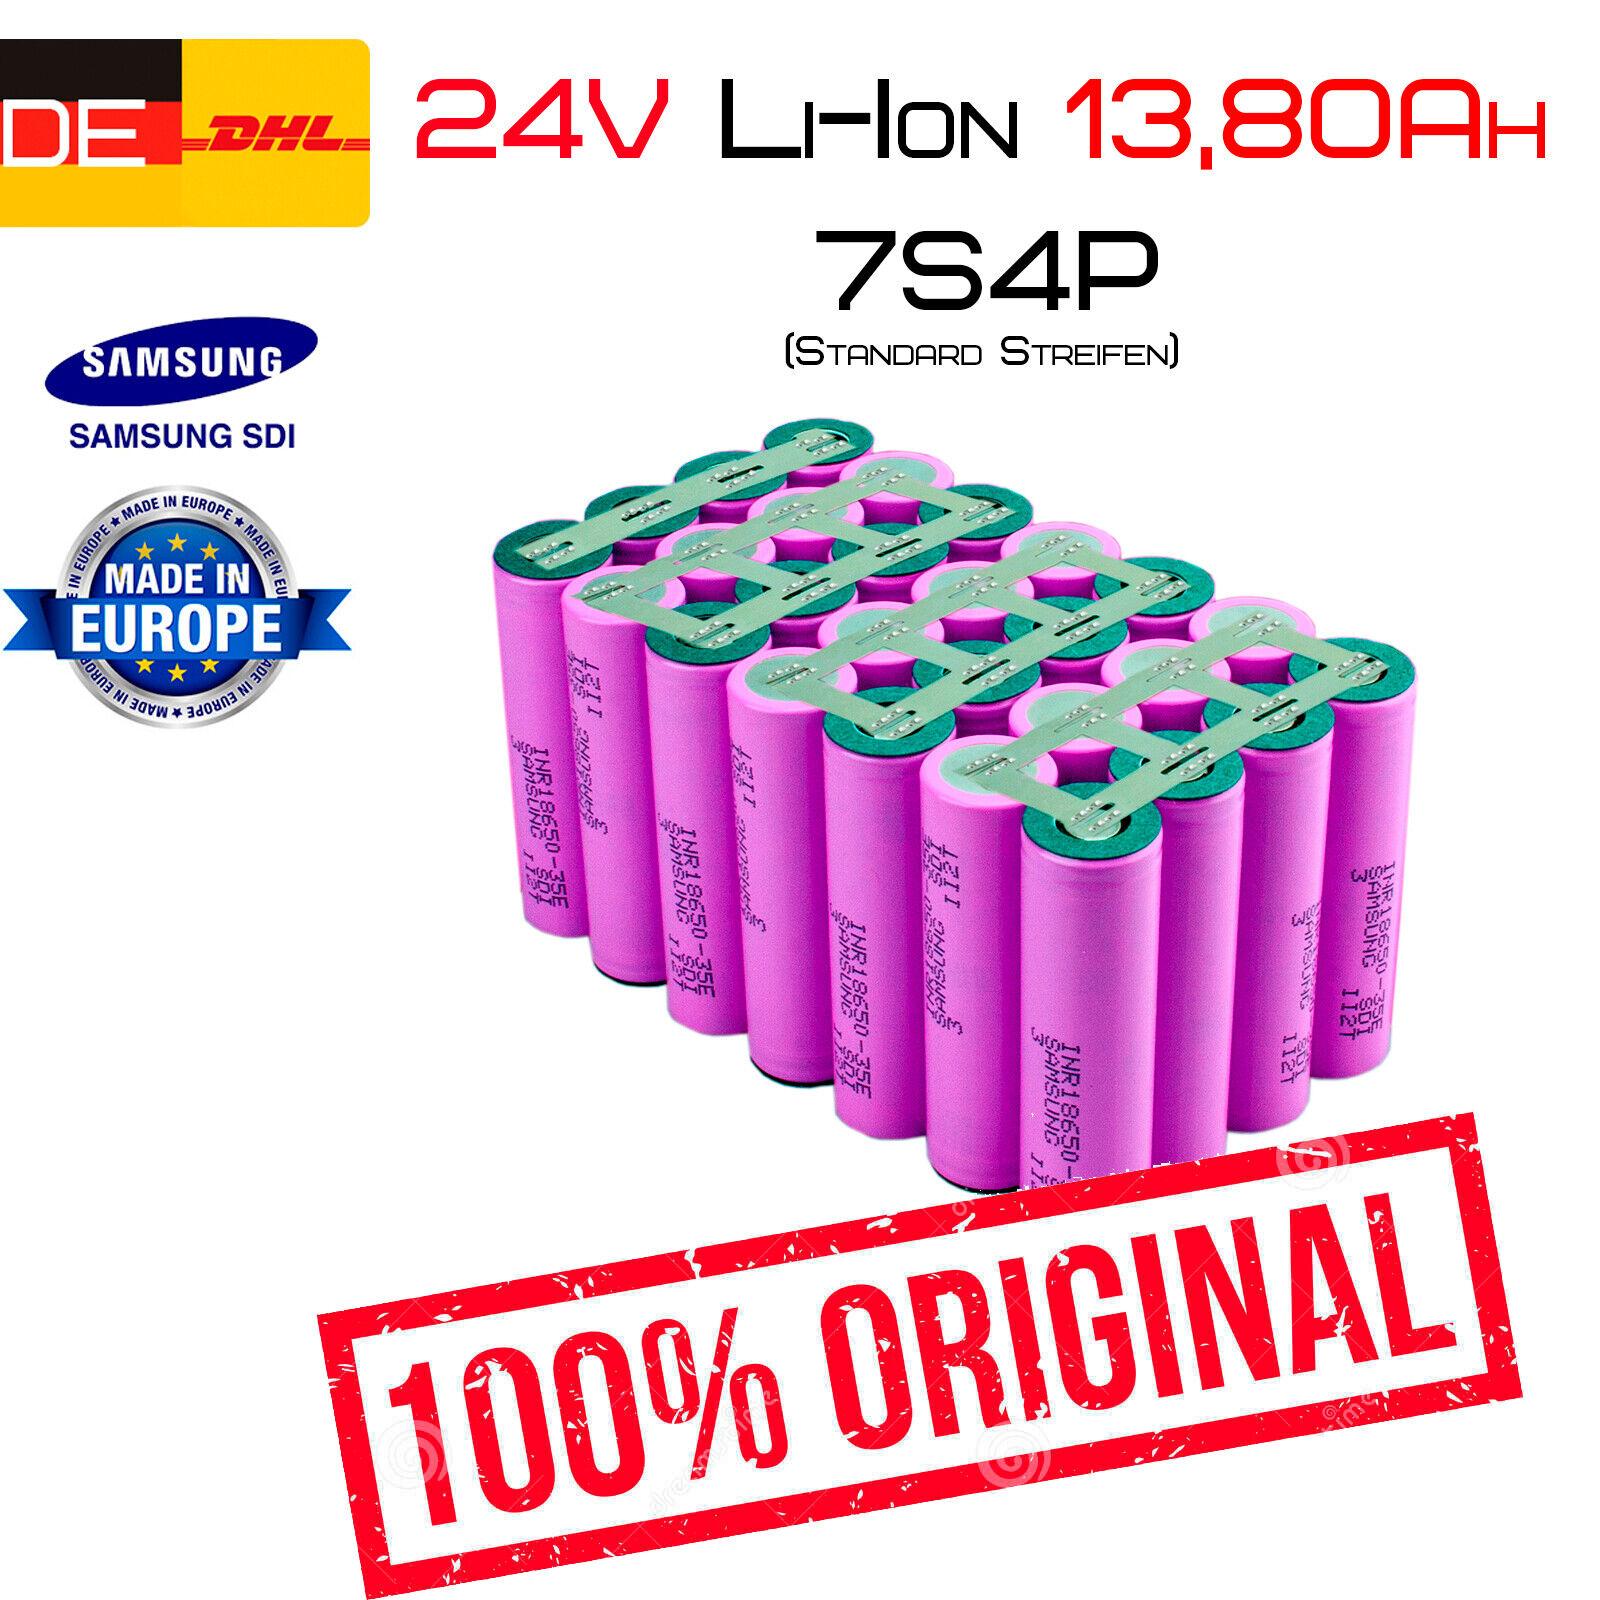 24v 13,80ah Li-ion conjuntos de baterías   7s4p   Samsung inr18650-35e